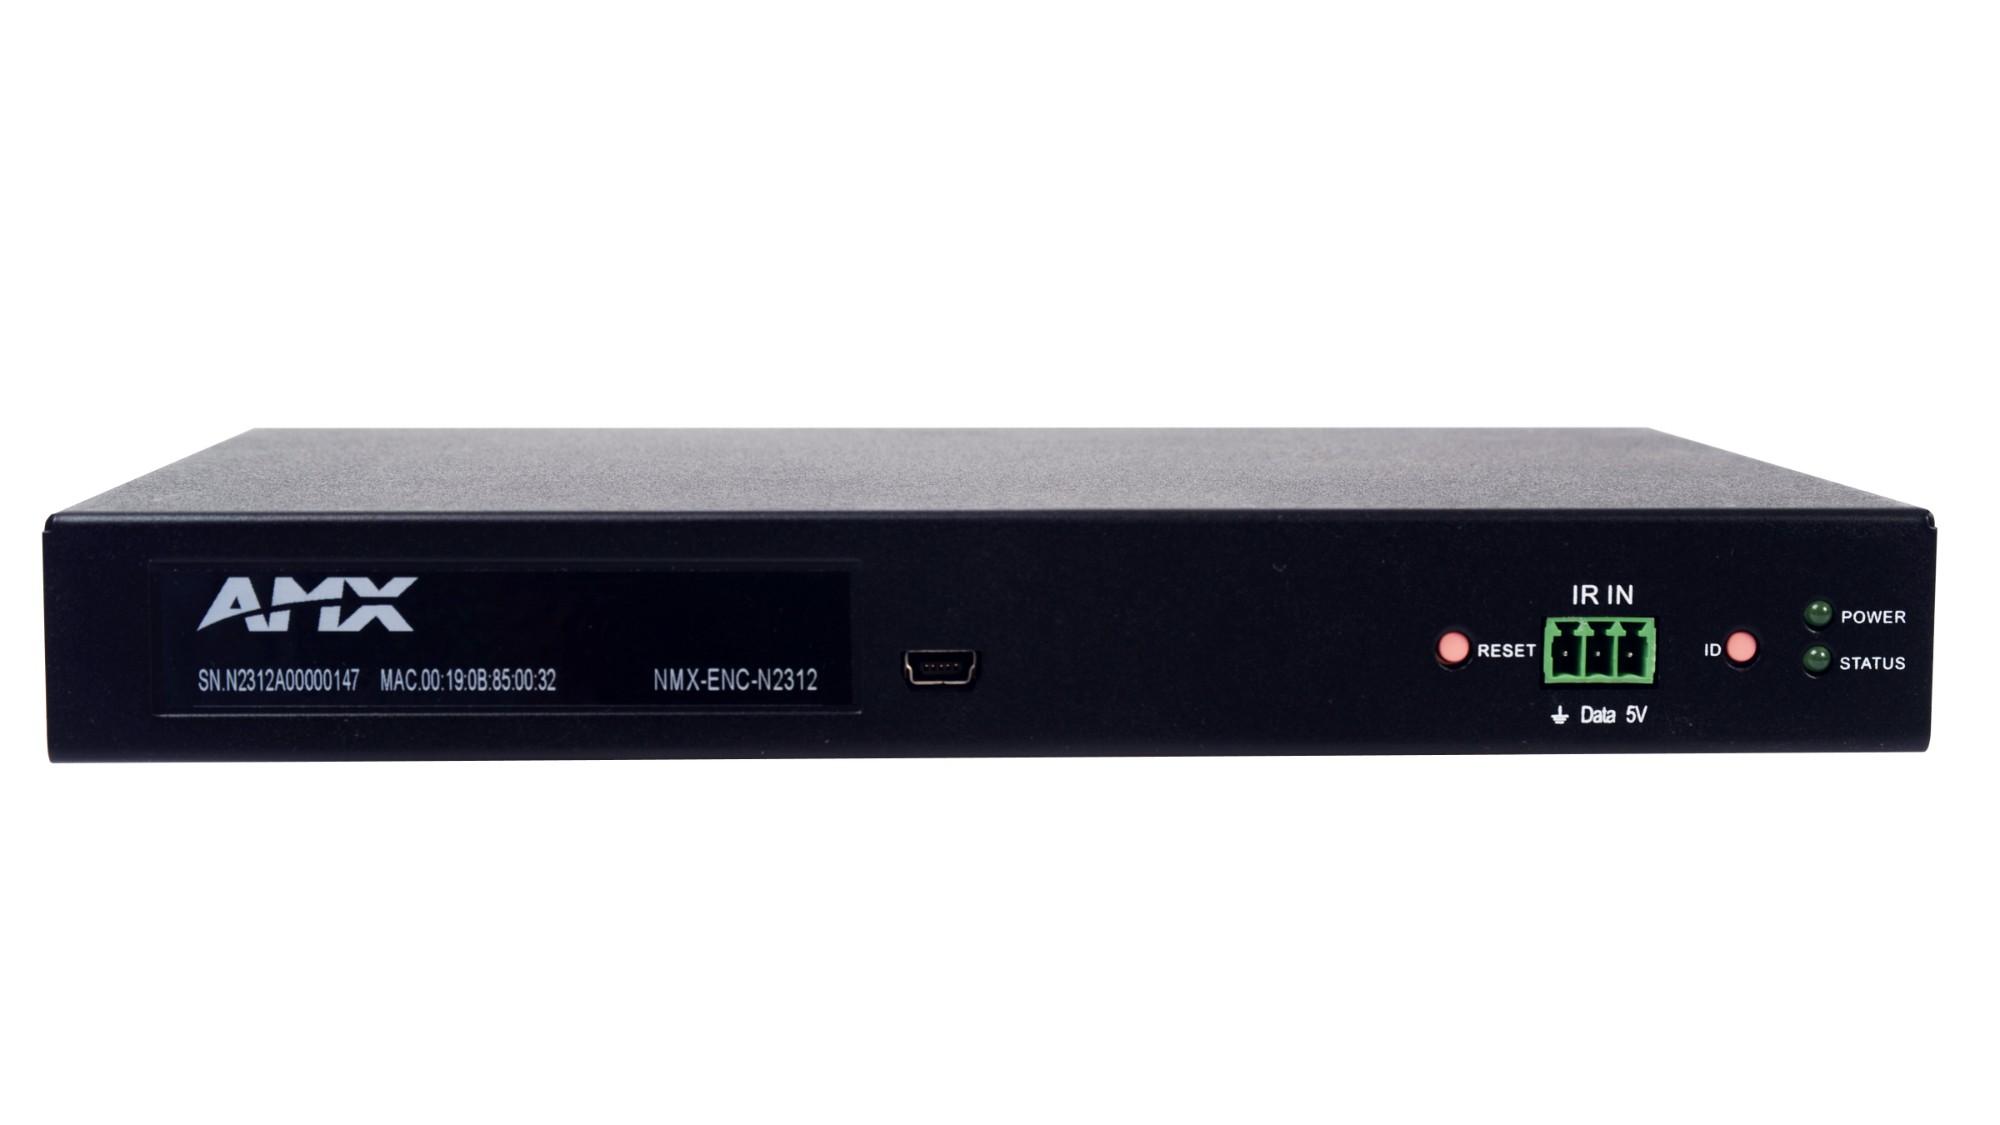 AMX NMX-ENC-N2312 4096 x 2160pixels 60fps video servers/encoder